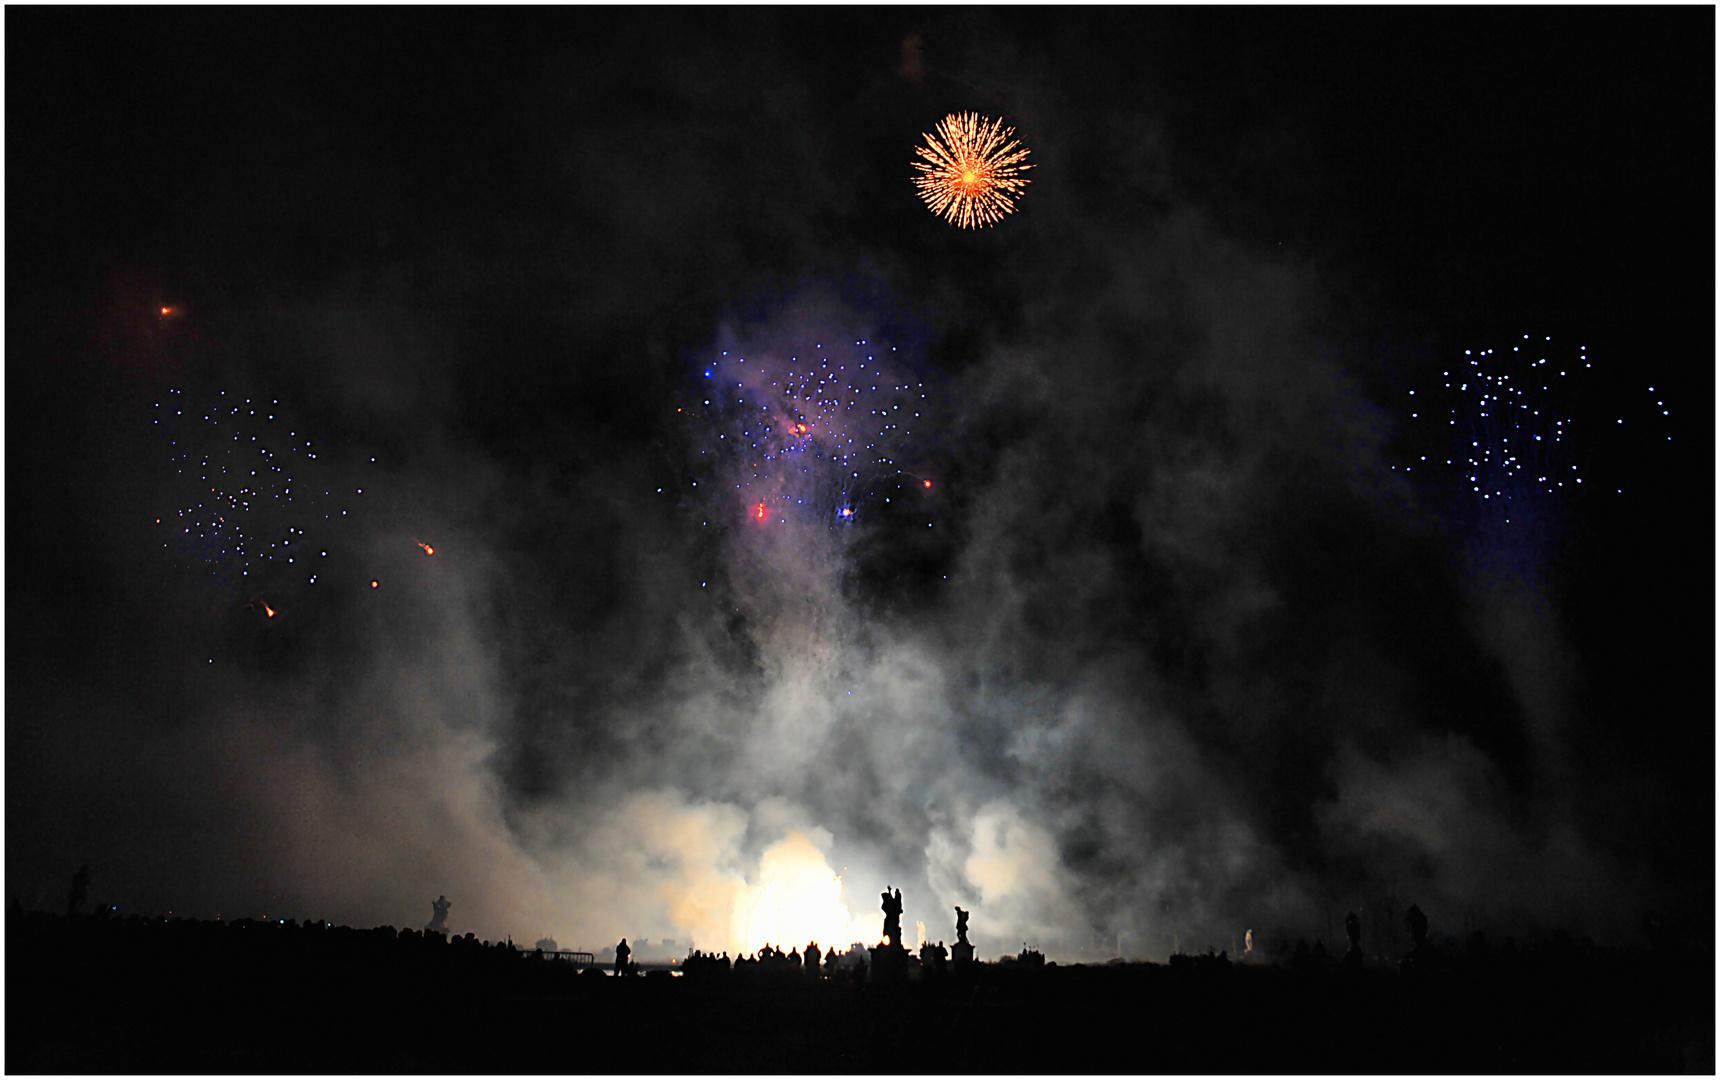 Feuerwerk - Pusteblume